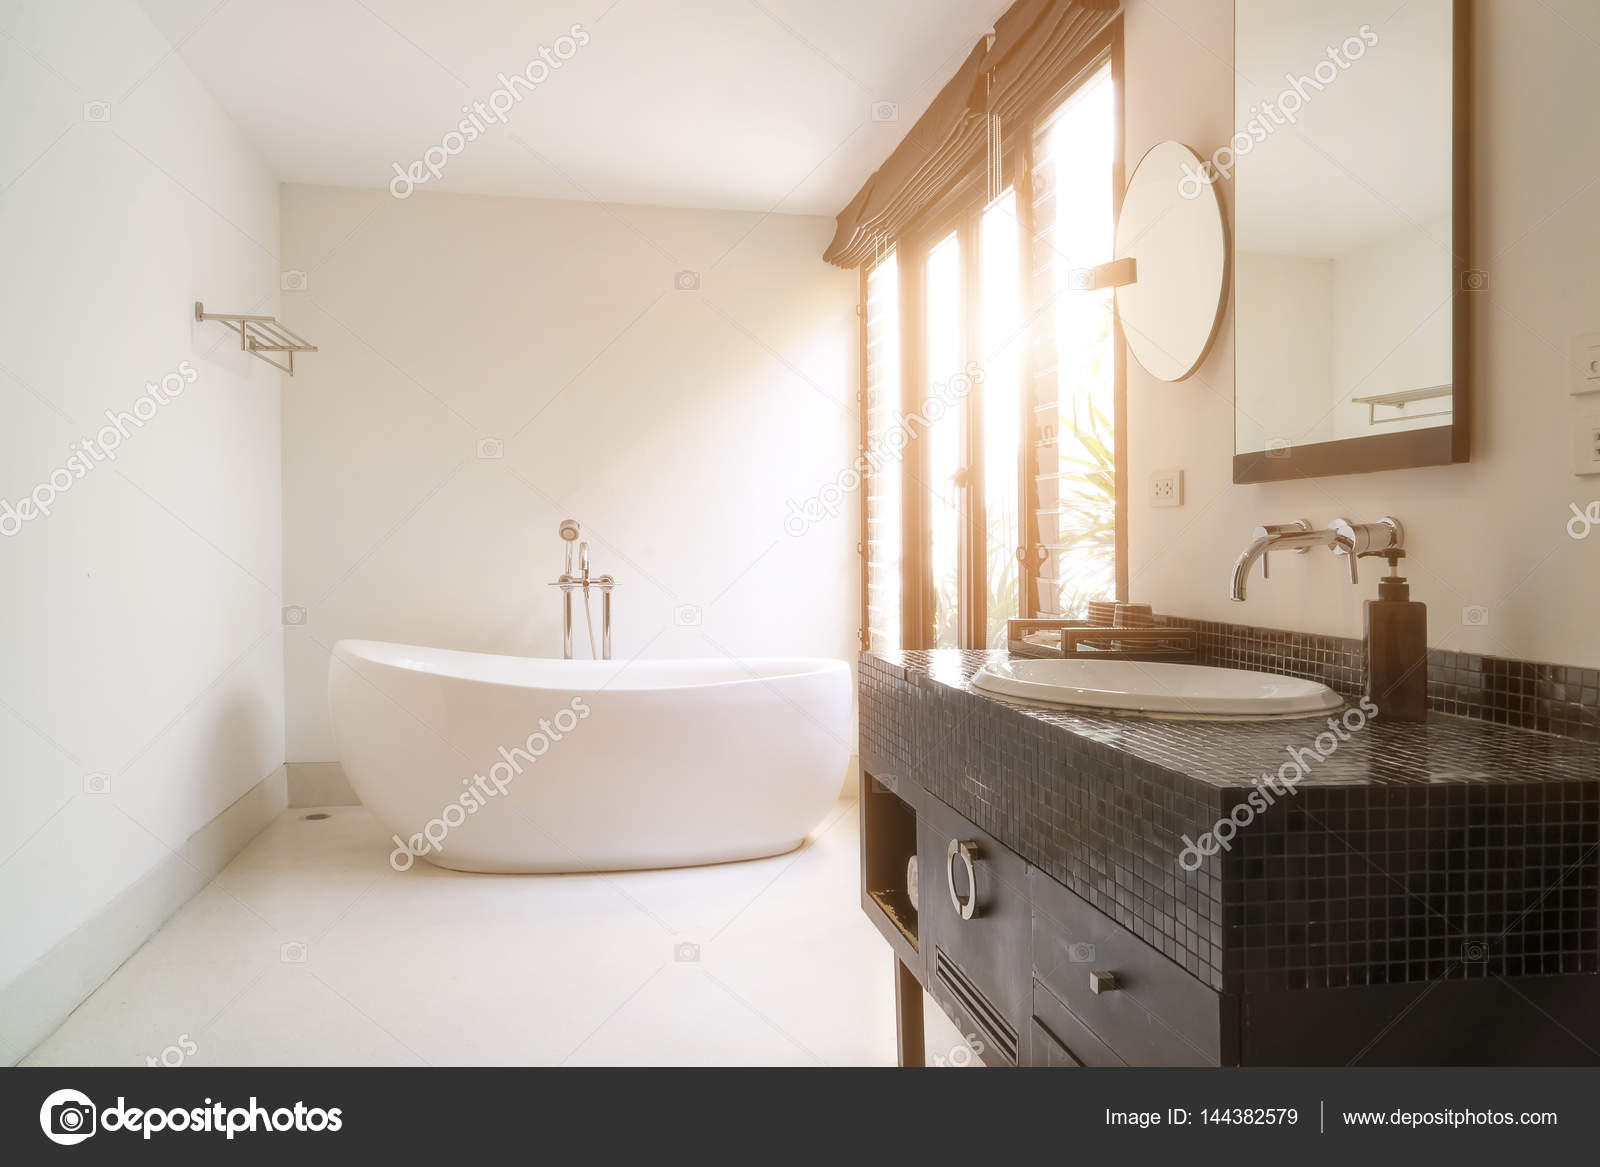 Vasca Da Bagno Bloccata : Interno del bagno moderno con vasca da bagno ovale bianco u foto